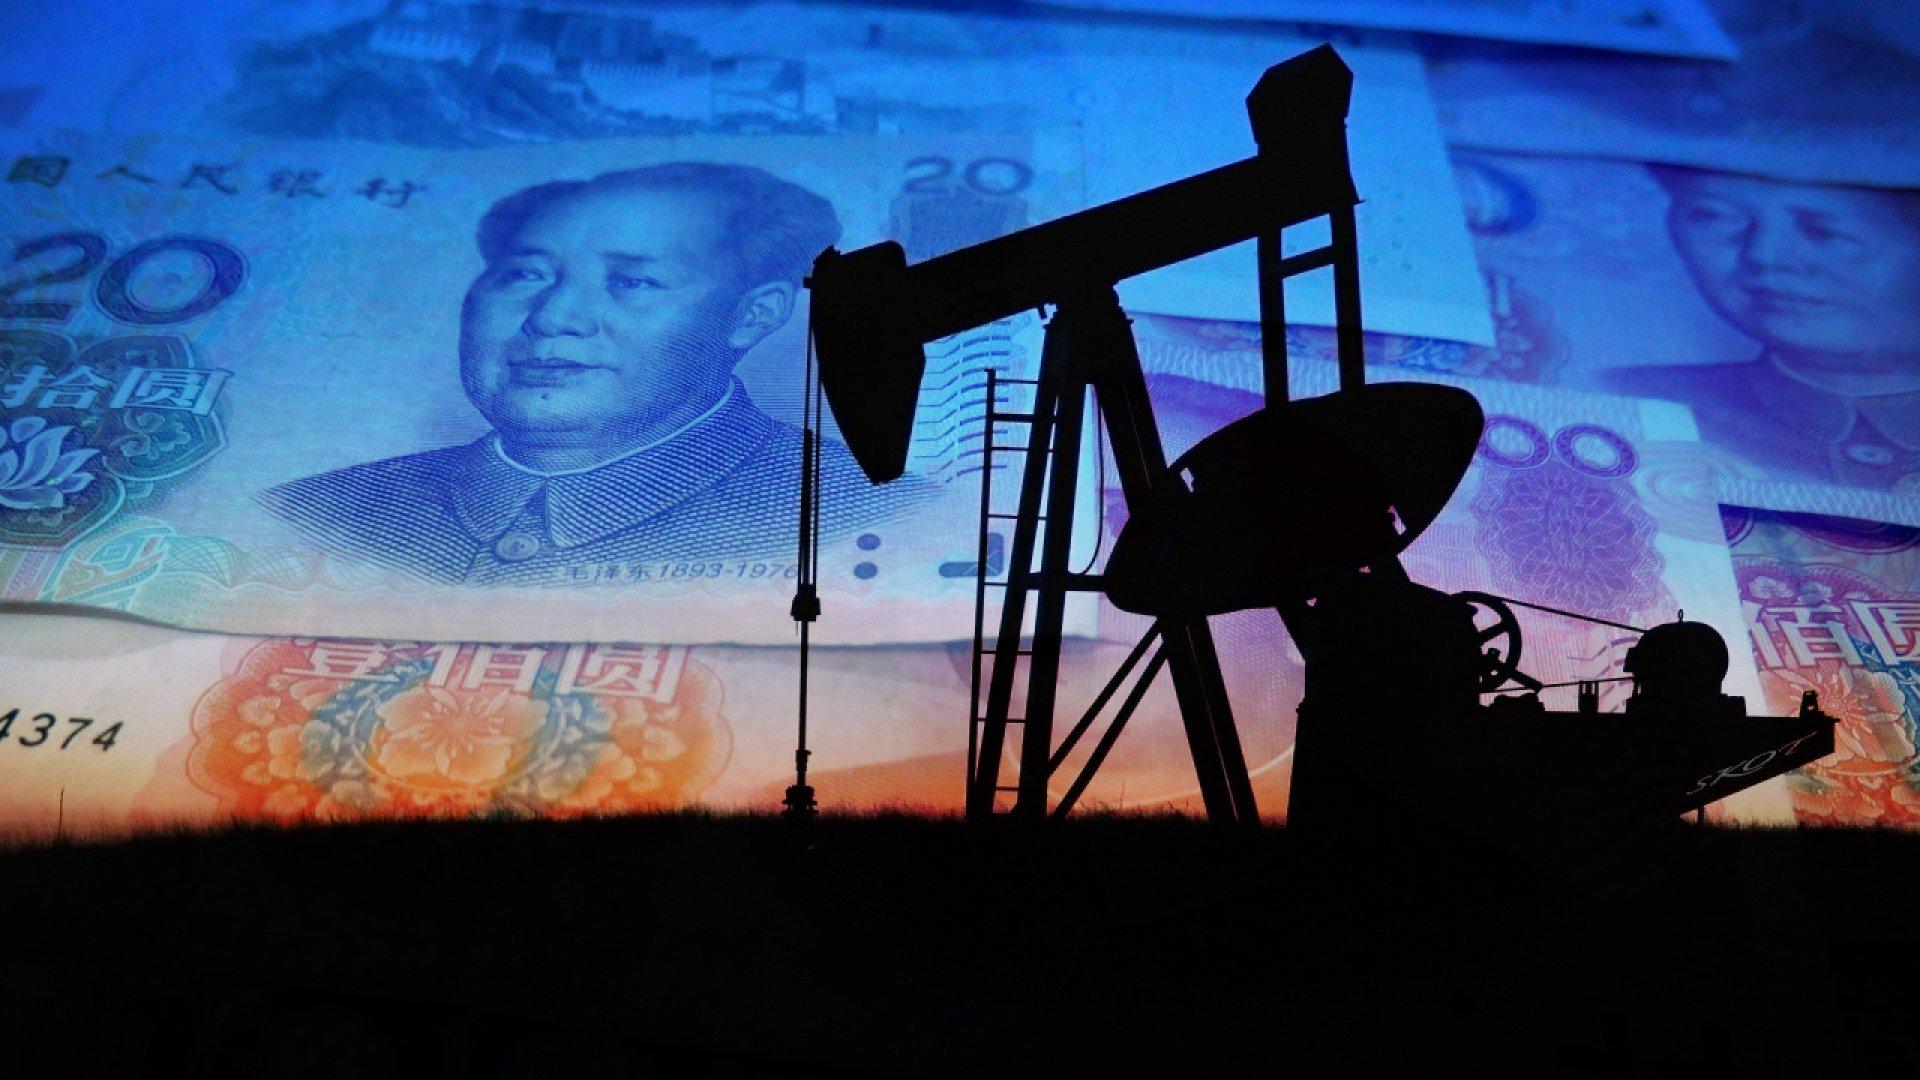 Китай отменил поставку венесуэльской нефти из-за санкций США – СМИ